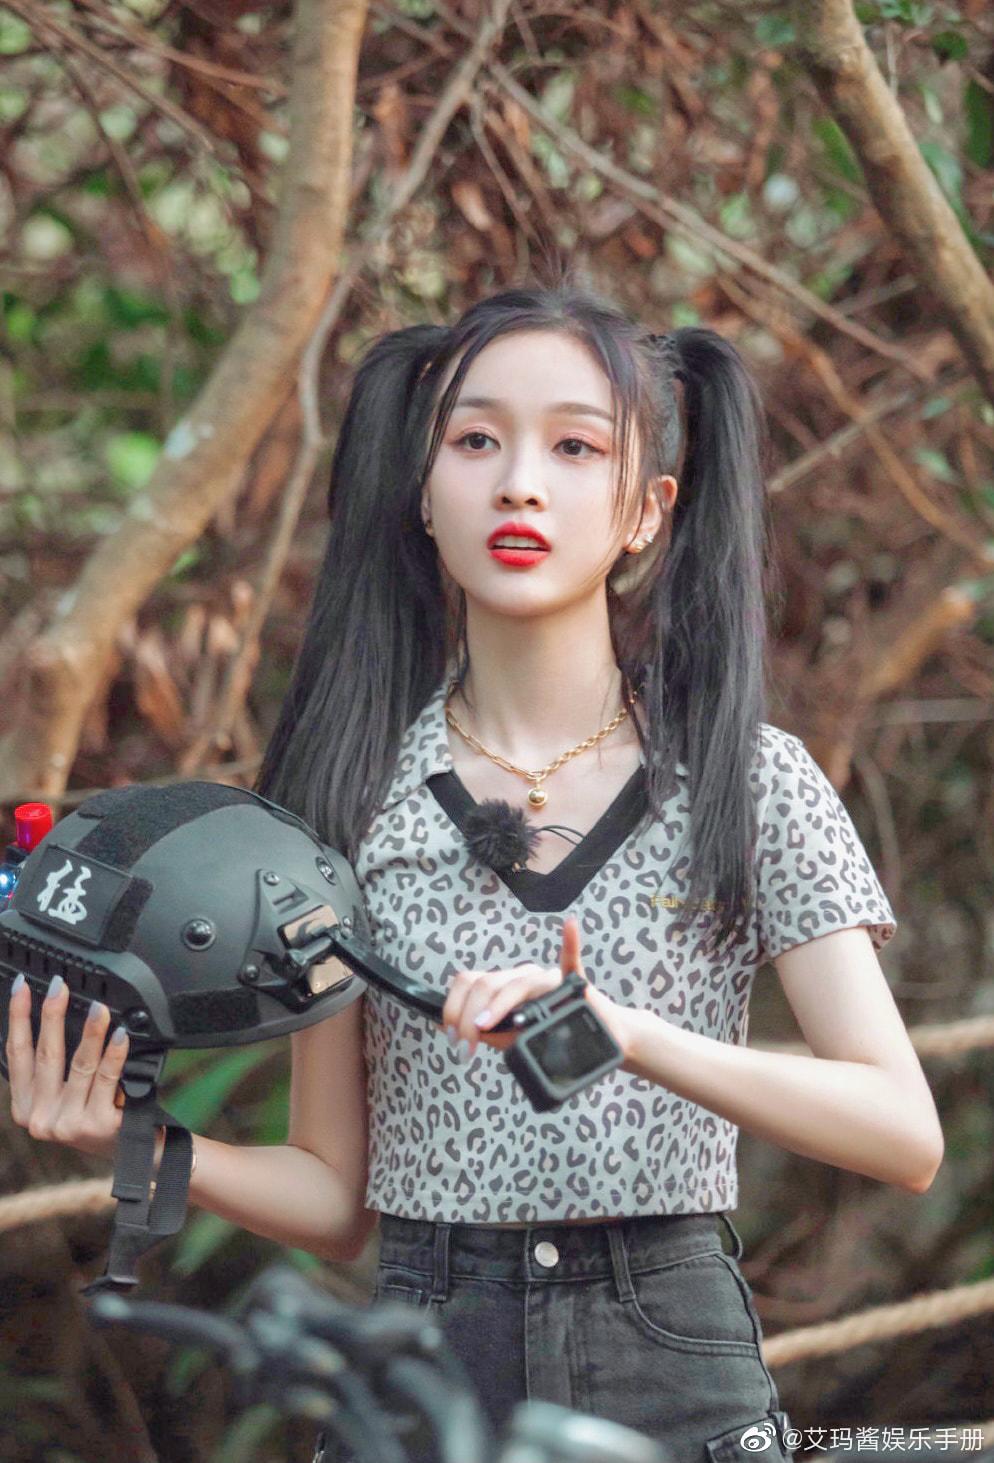 15 mỹ nhân Cbiz để tóc 2 chùm: Dương Mịch tựa nữ thần, Lệ Dĩnh như Maleficent 12